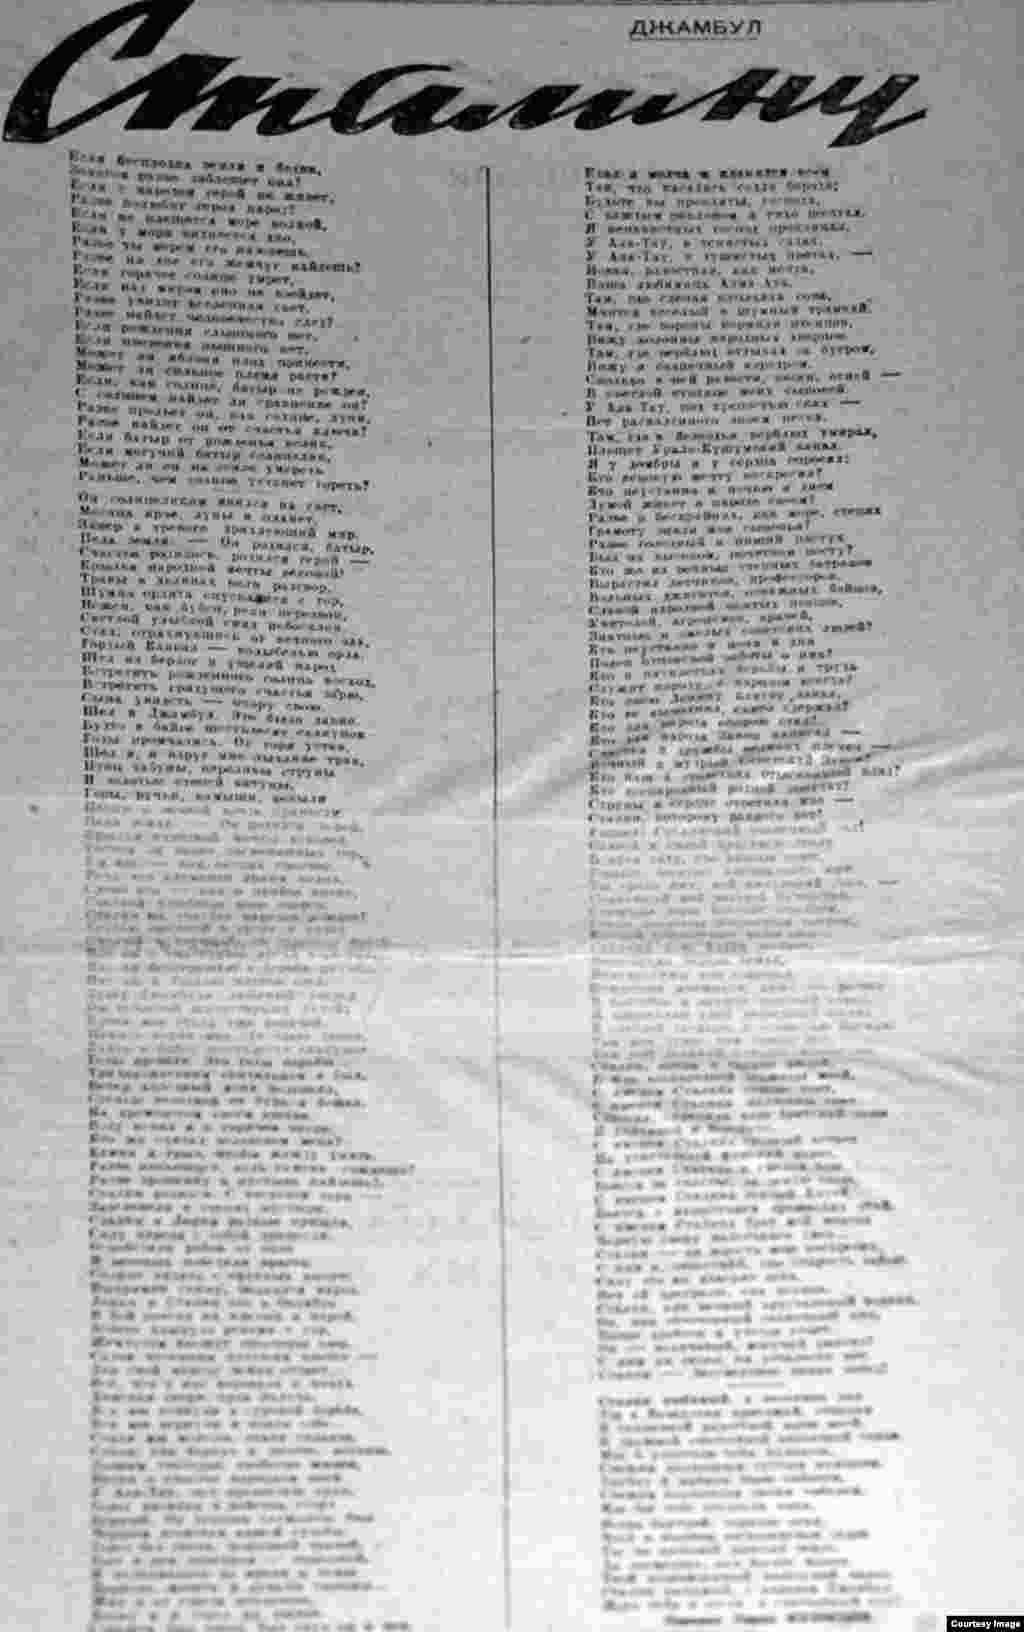 Самым значительным по объему к 60-летию вождя было стихотворное творение «Сталину» знаменитого народного акына Джамбула (Жамбыла Жабаева). Его часто печатали на страницах центральной казахстанской печати, поскольку он откликался на все более или менее значимые события. Чтобы произведение полностью попало в кадр, репортеру пришлось отойти на шаг от стола, на которой лежала подшивка номеров.